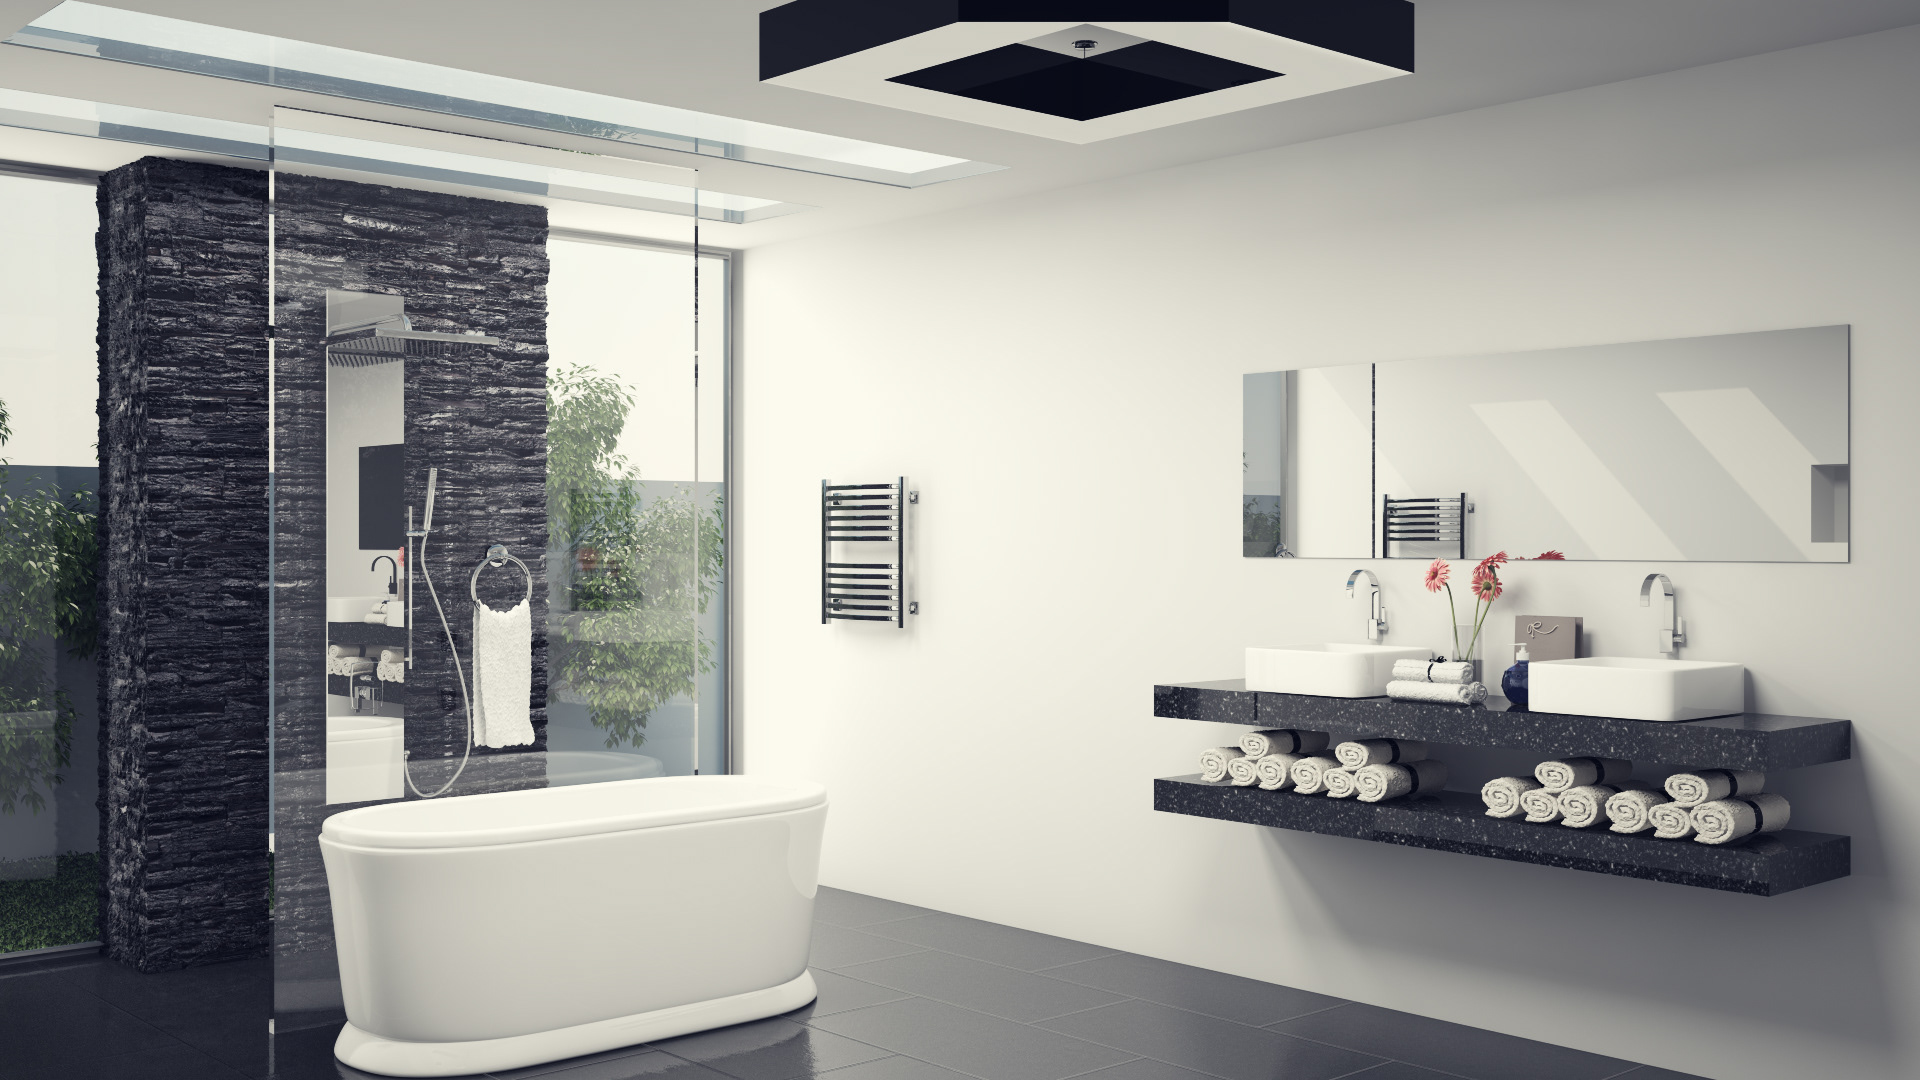 Architecture Digital Art Interior Design